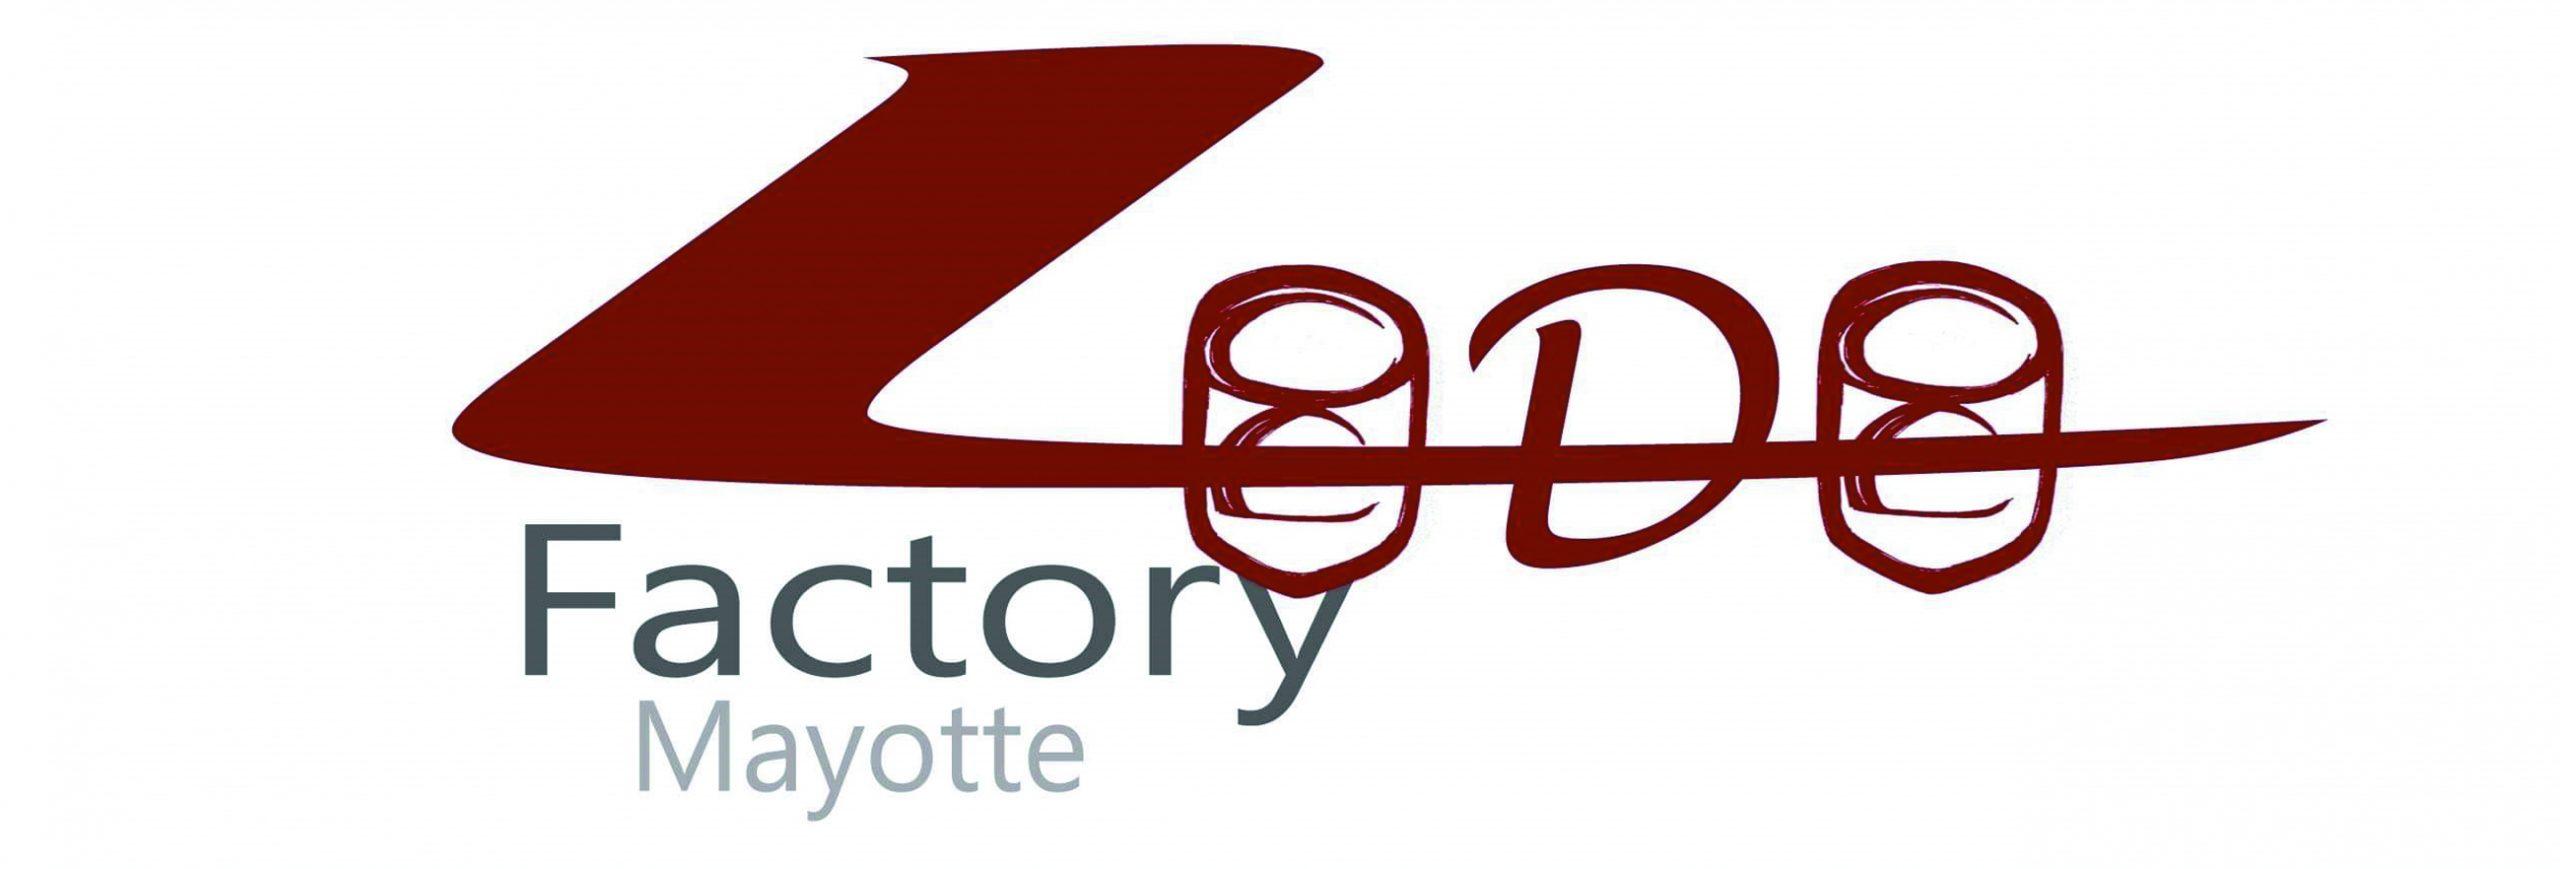 Lodo Factory